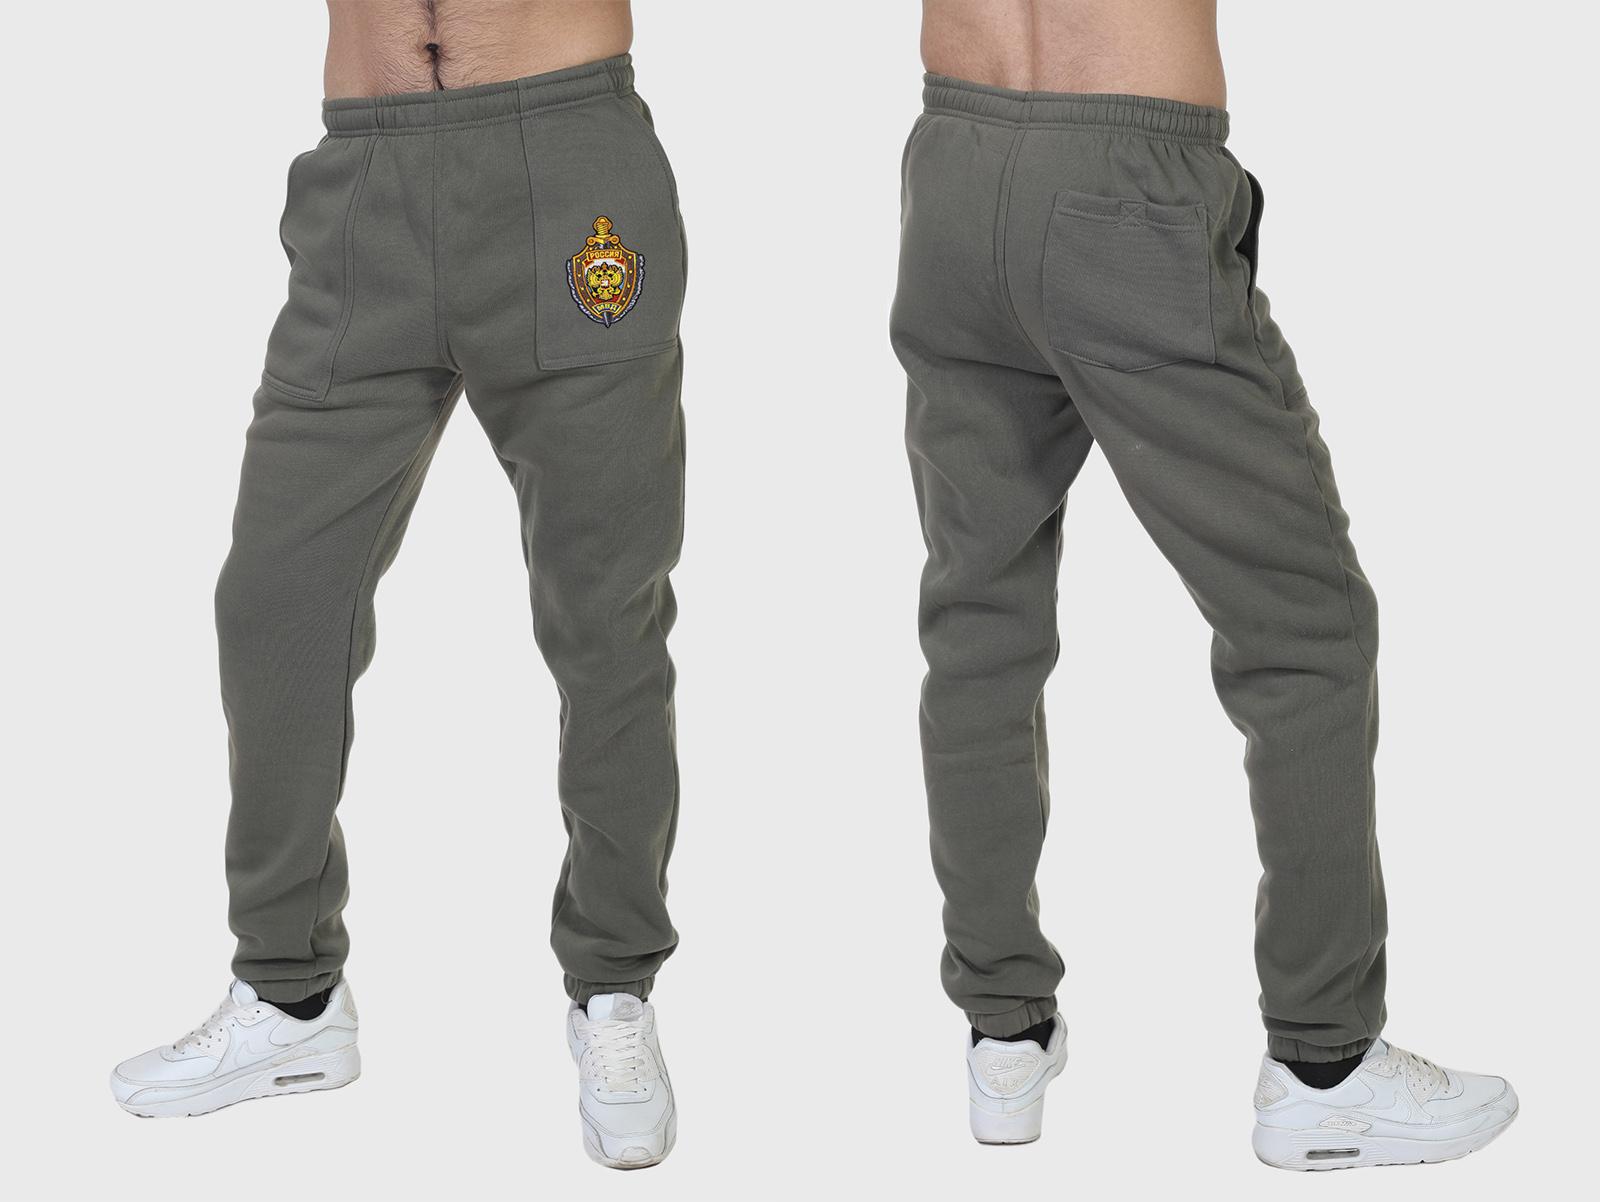 Теплые спортивные штаны на флисе с вышитыми нашивками - новинка от Военпро!